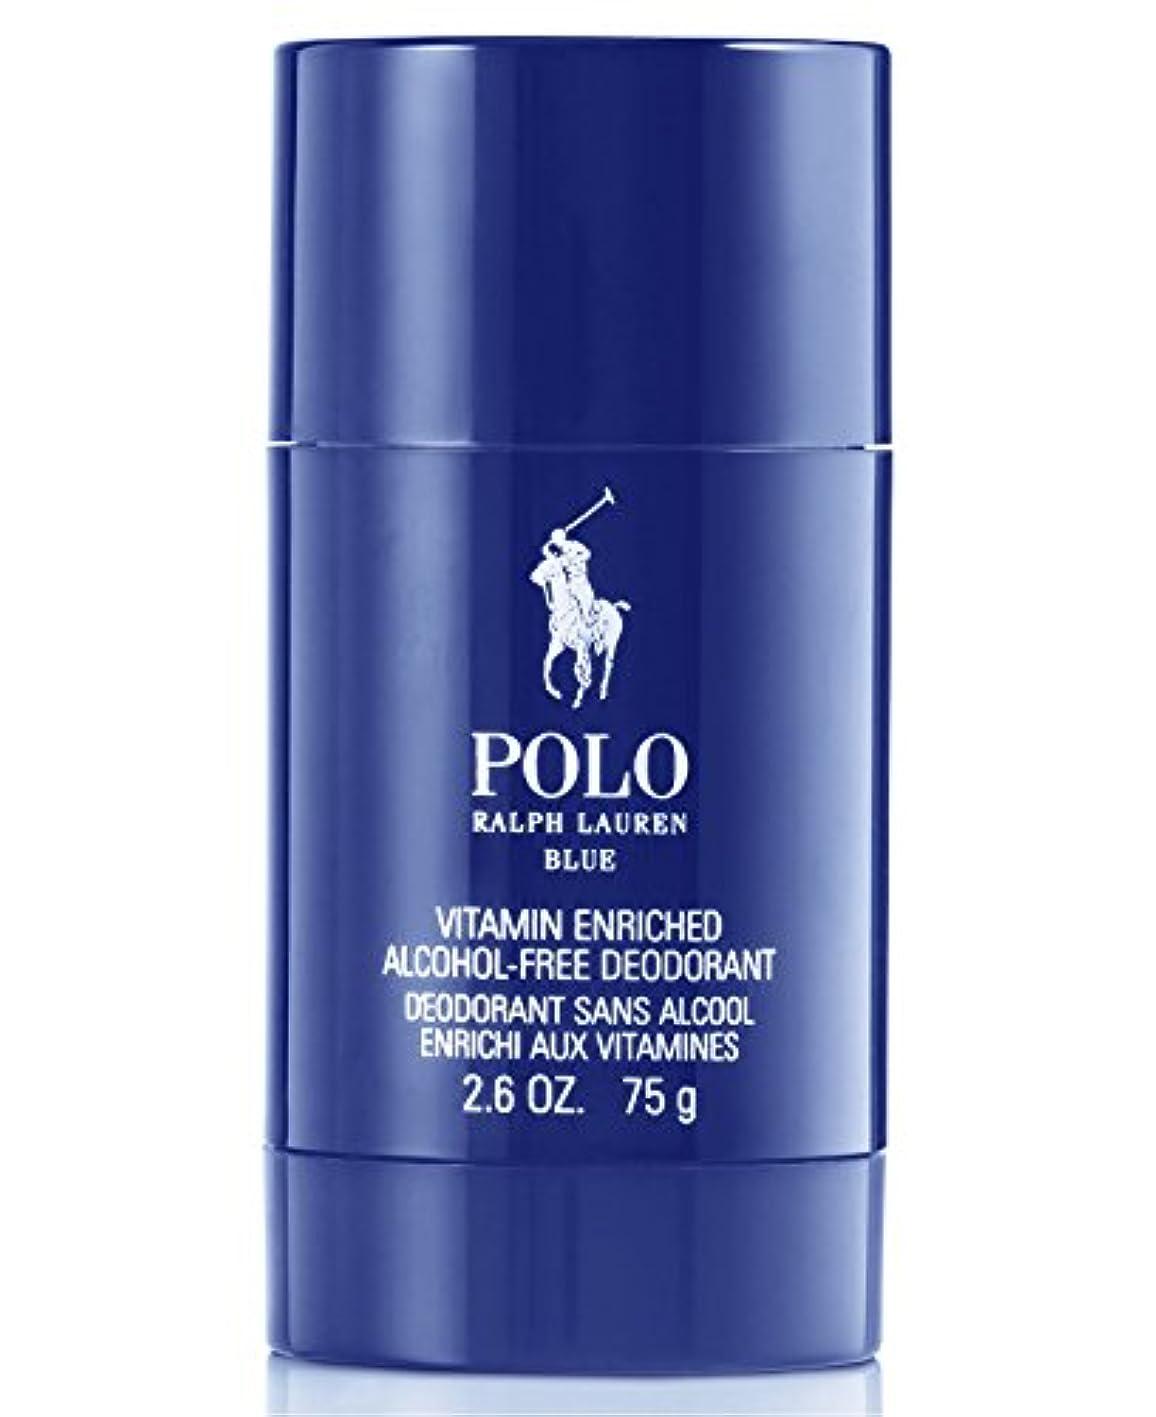 発明する無駄エキゾチックラルフローレン ポロ ブルー デオドラントスティック POLO BLUE Deodorant Stick